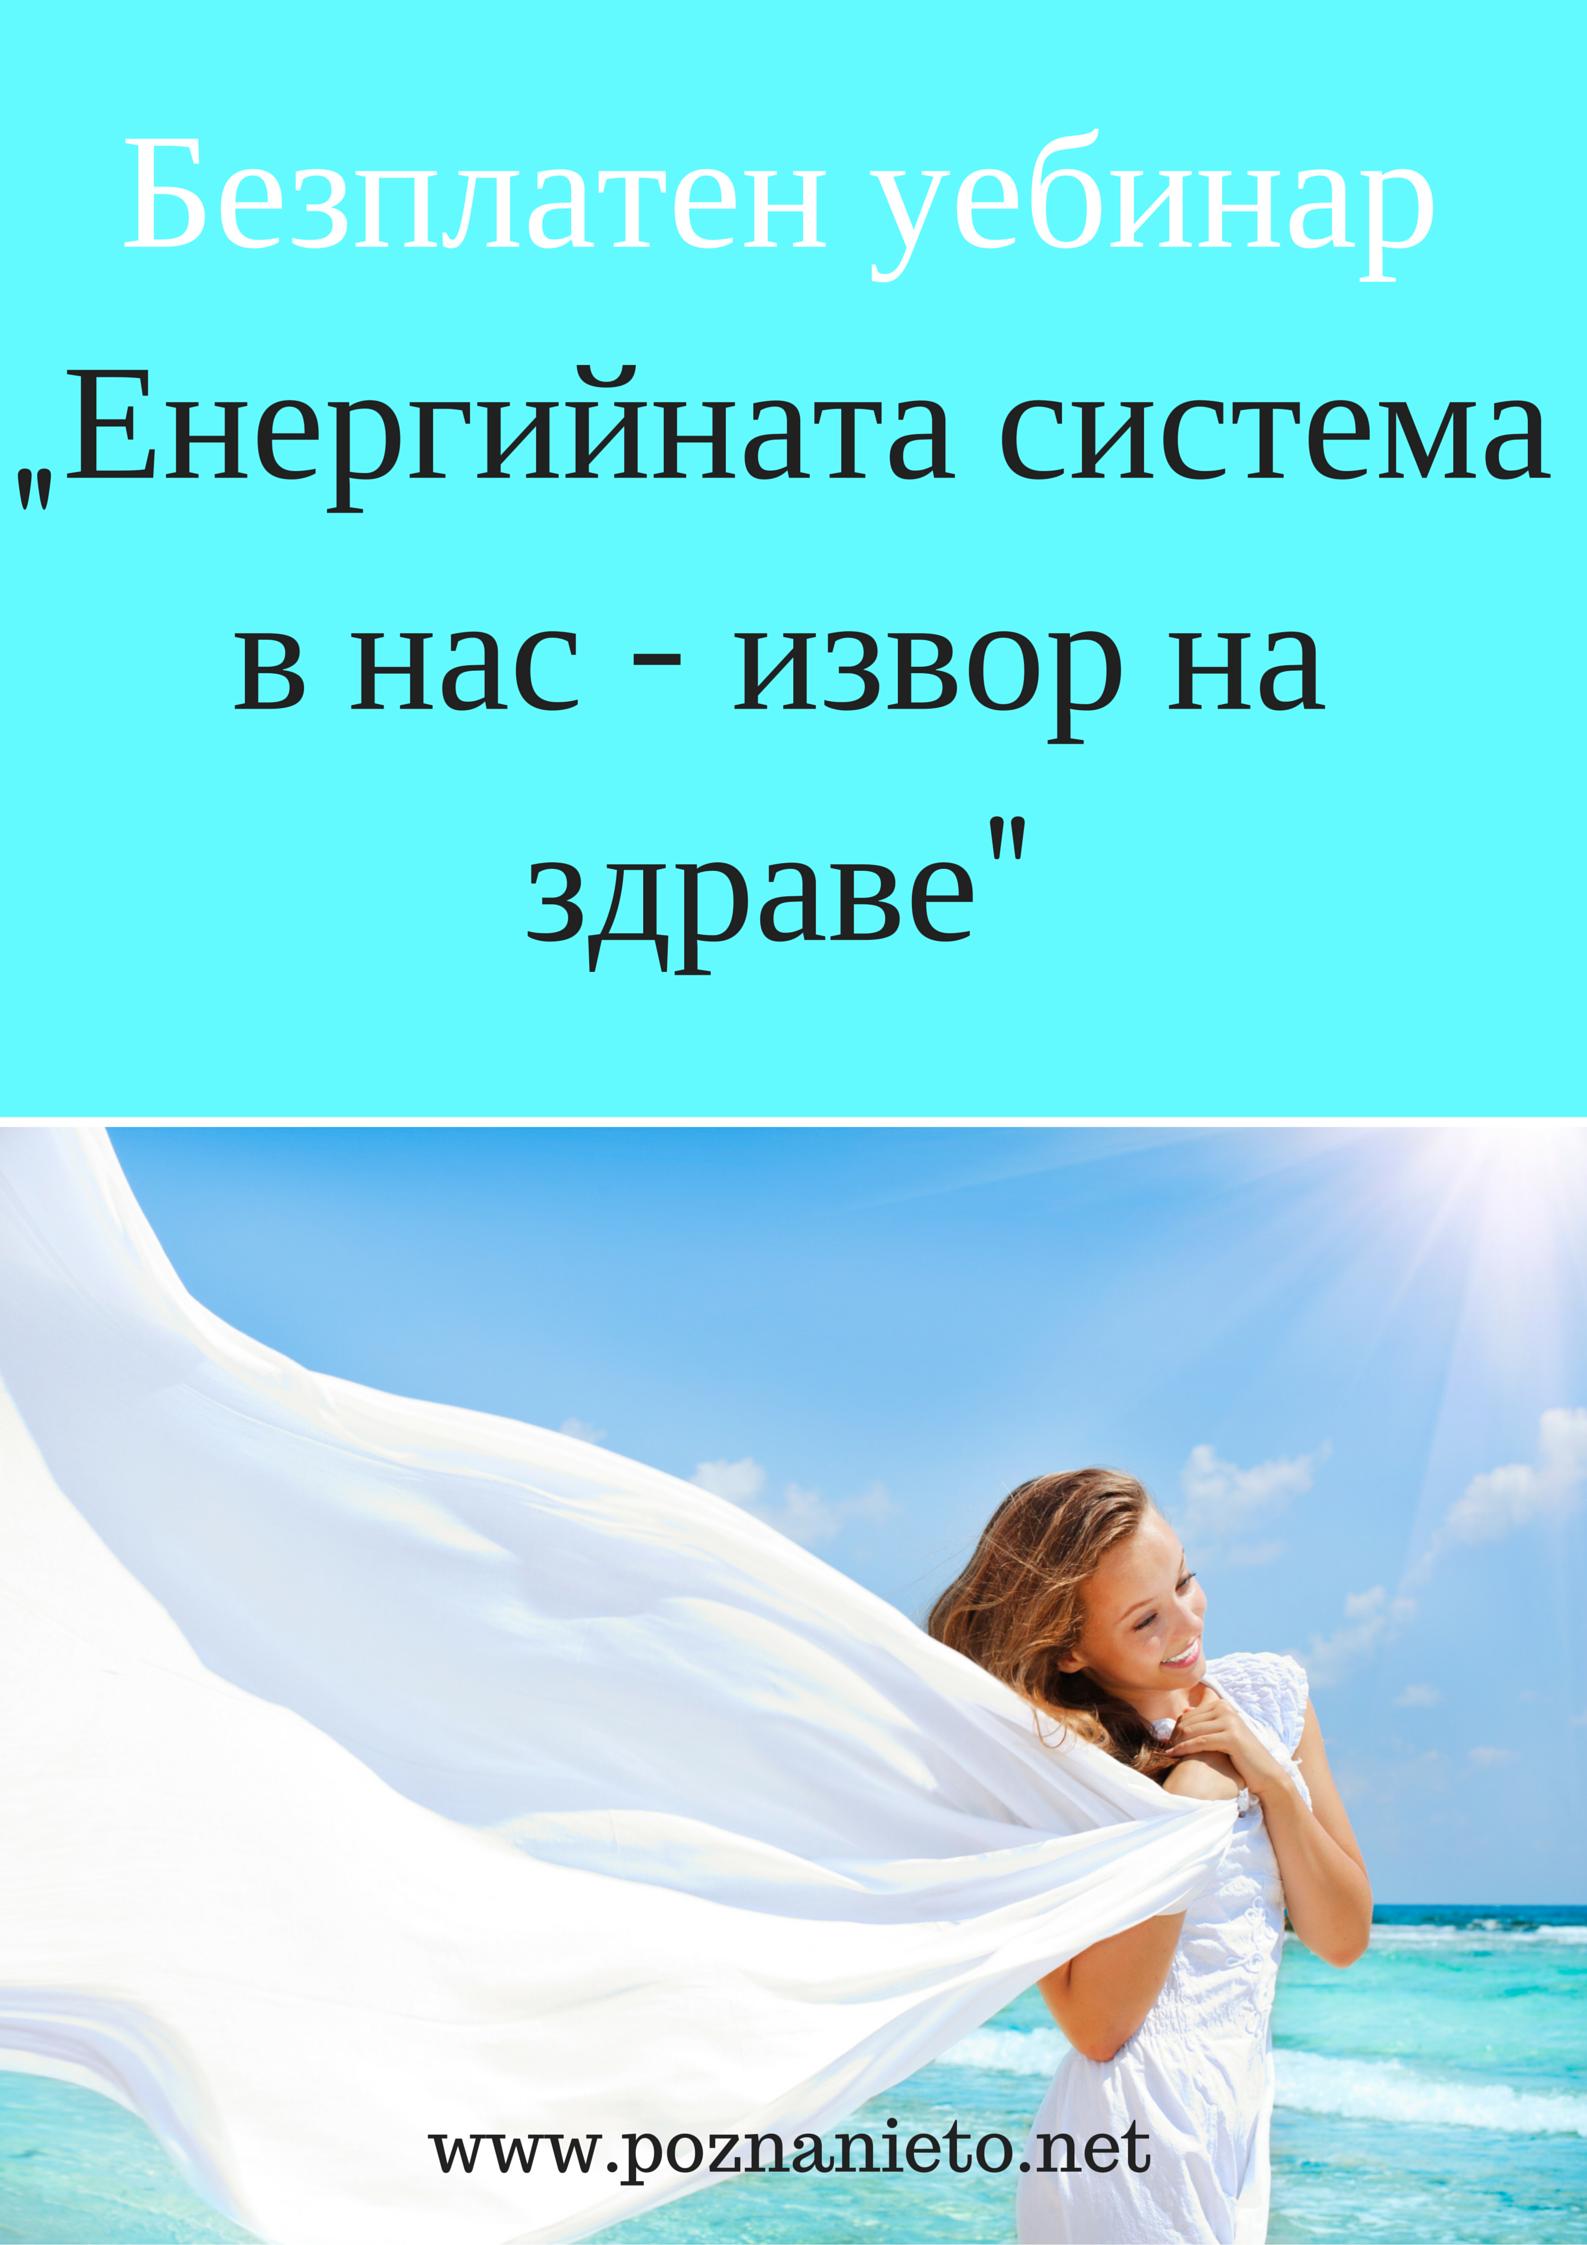 """Безплатен уебинар """"Енергийната система в нас - извор на здраве_"""